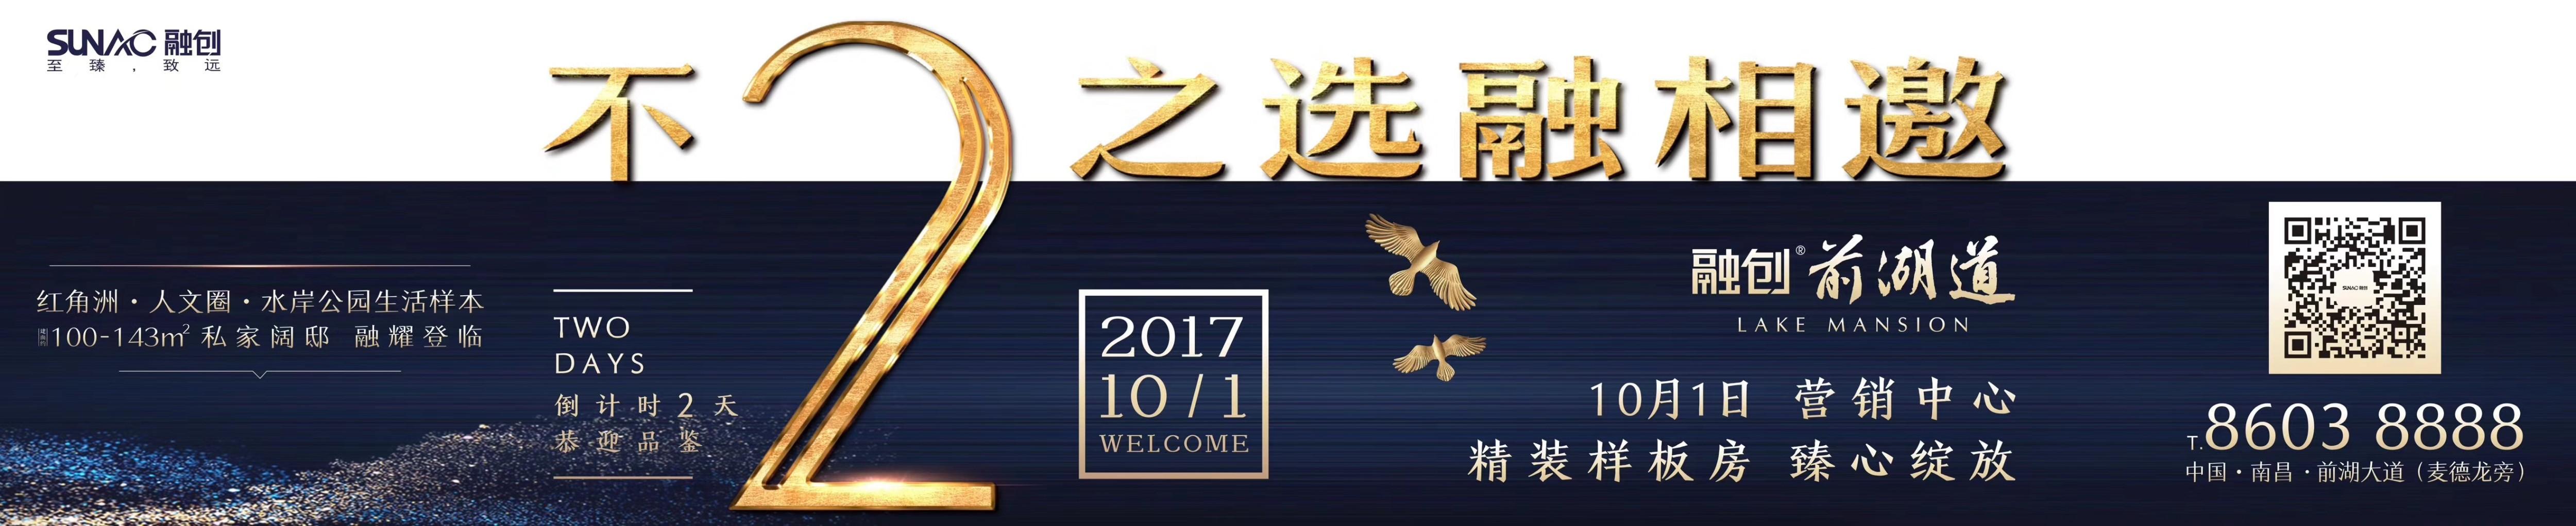 直播:不2之选融相邀 10月1日营销中心臻心绽放